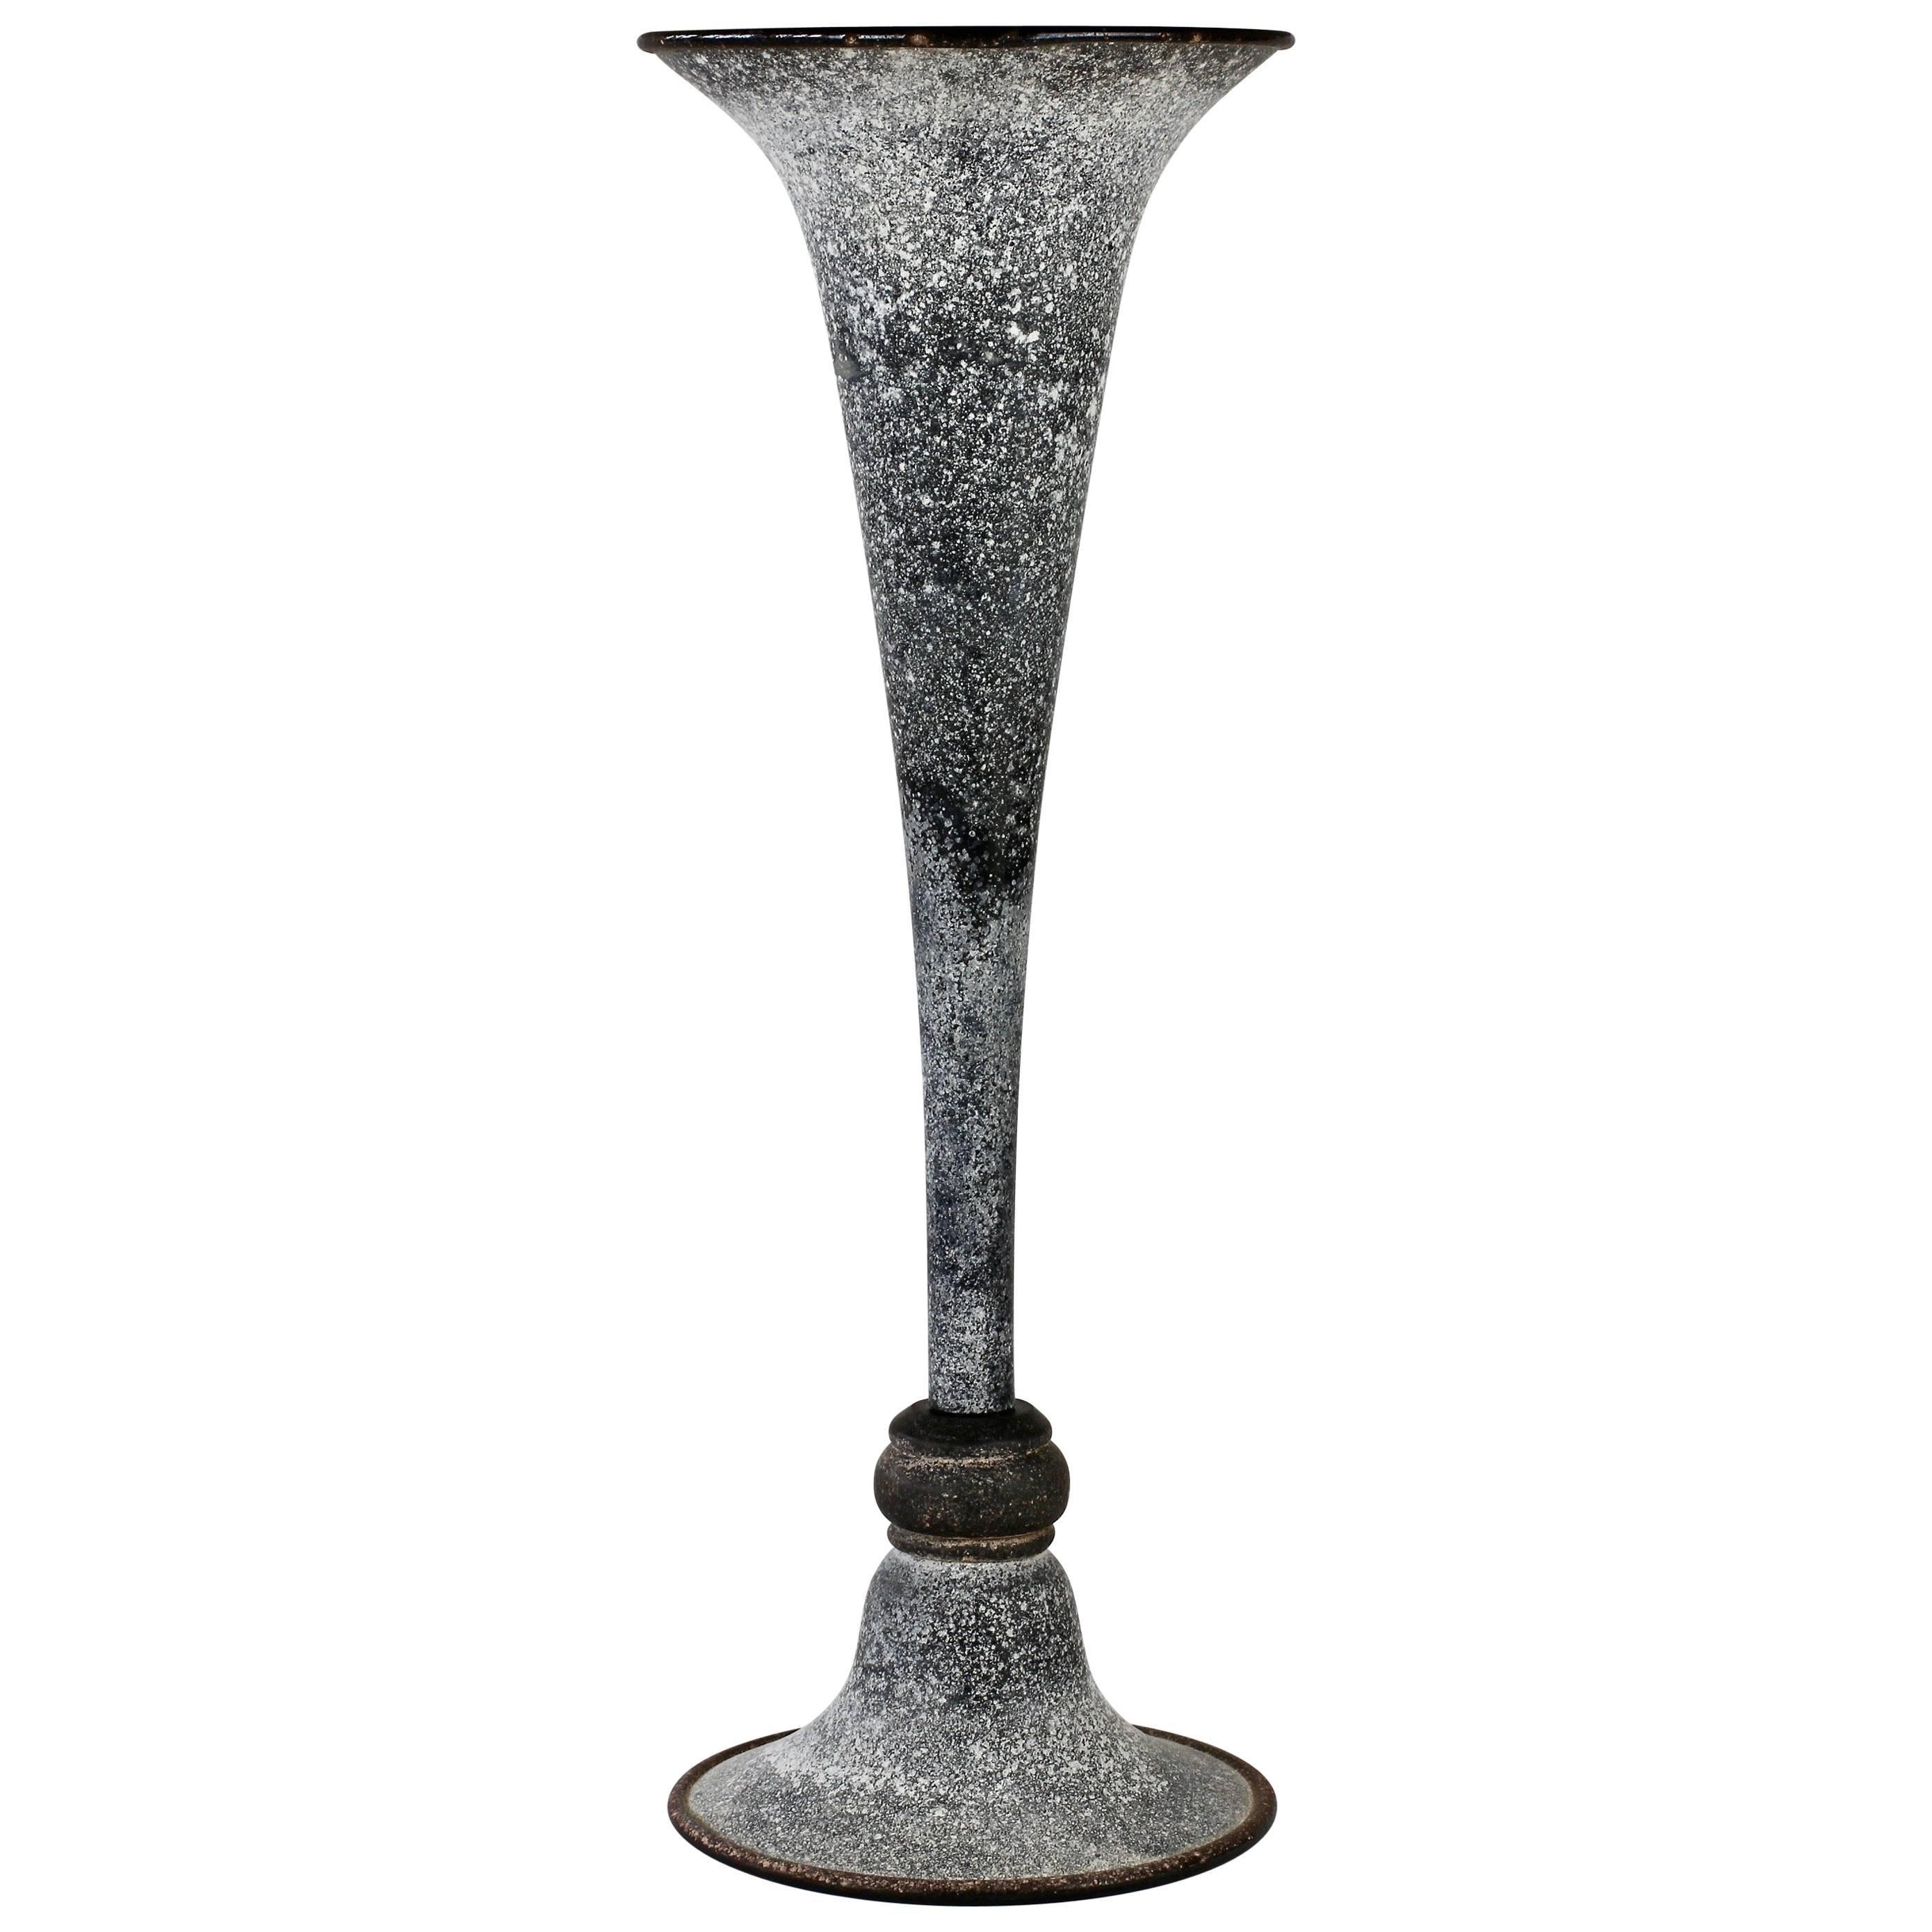 Monumental Black 'A Scavo' Murano Glass Vase Attributed to Seguso Vetri D'Arte